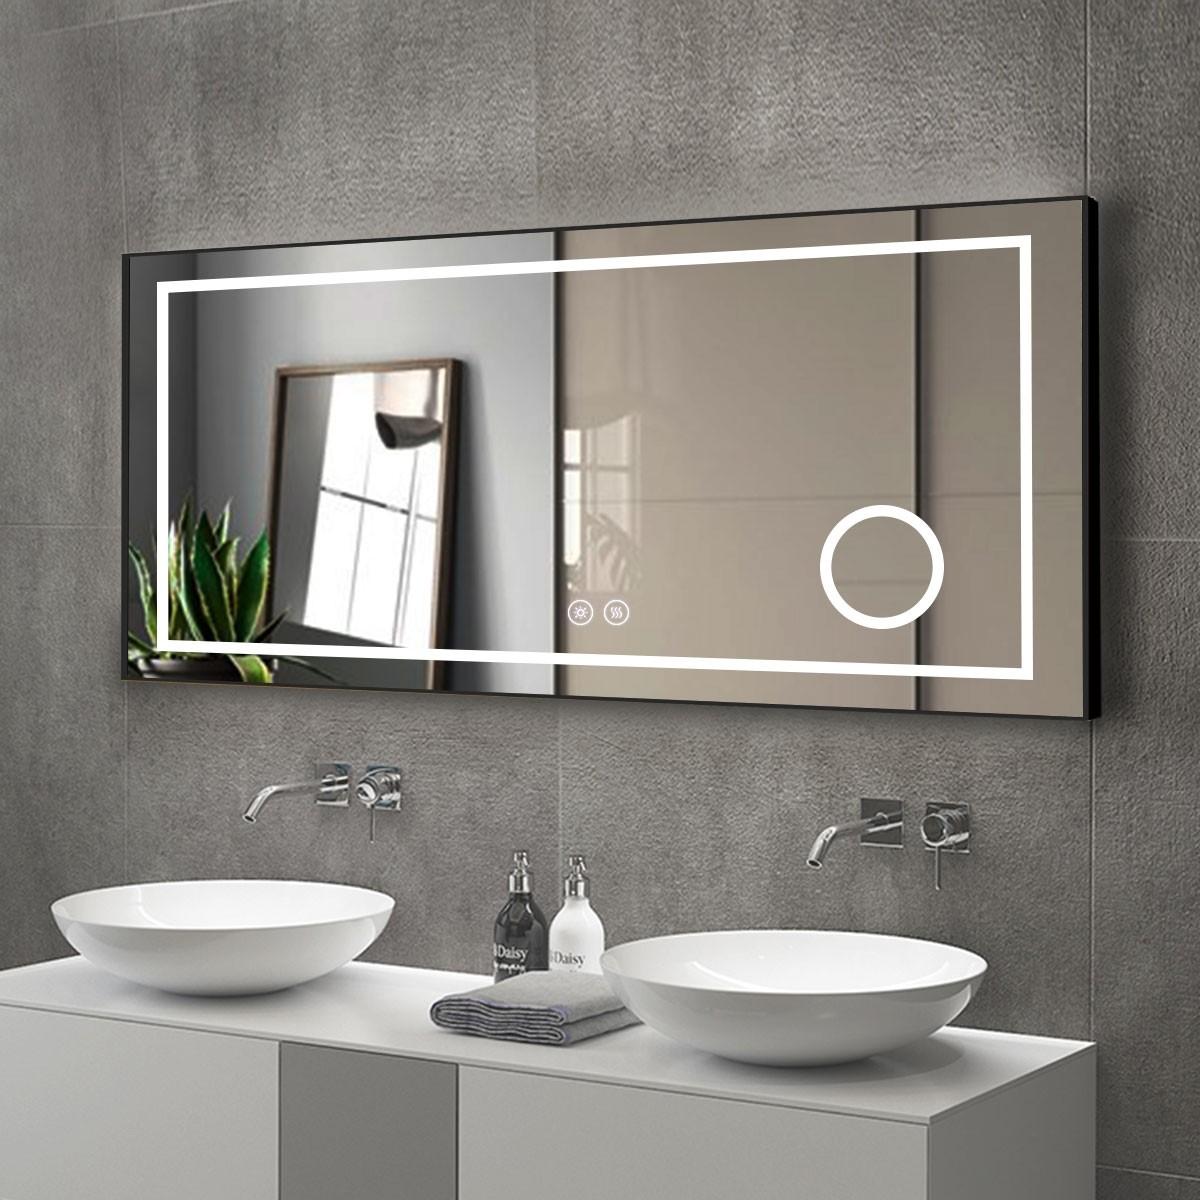 DECORAPORT 60 x 28 Po Miroir de Salle de Bain LED/Miroir Chambre avec Bouton Tactile, Loupe, Anti-Buée, Luminosité Réglable, Montage Horizontal (D621-6028C)